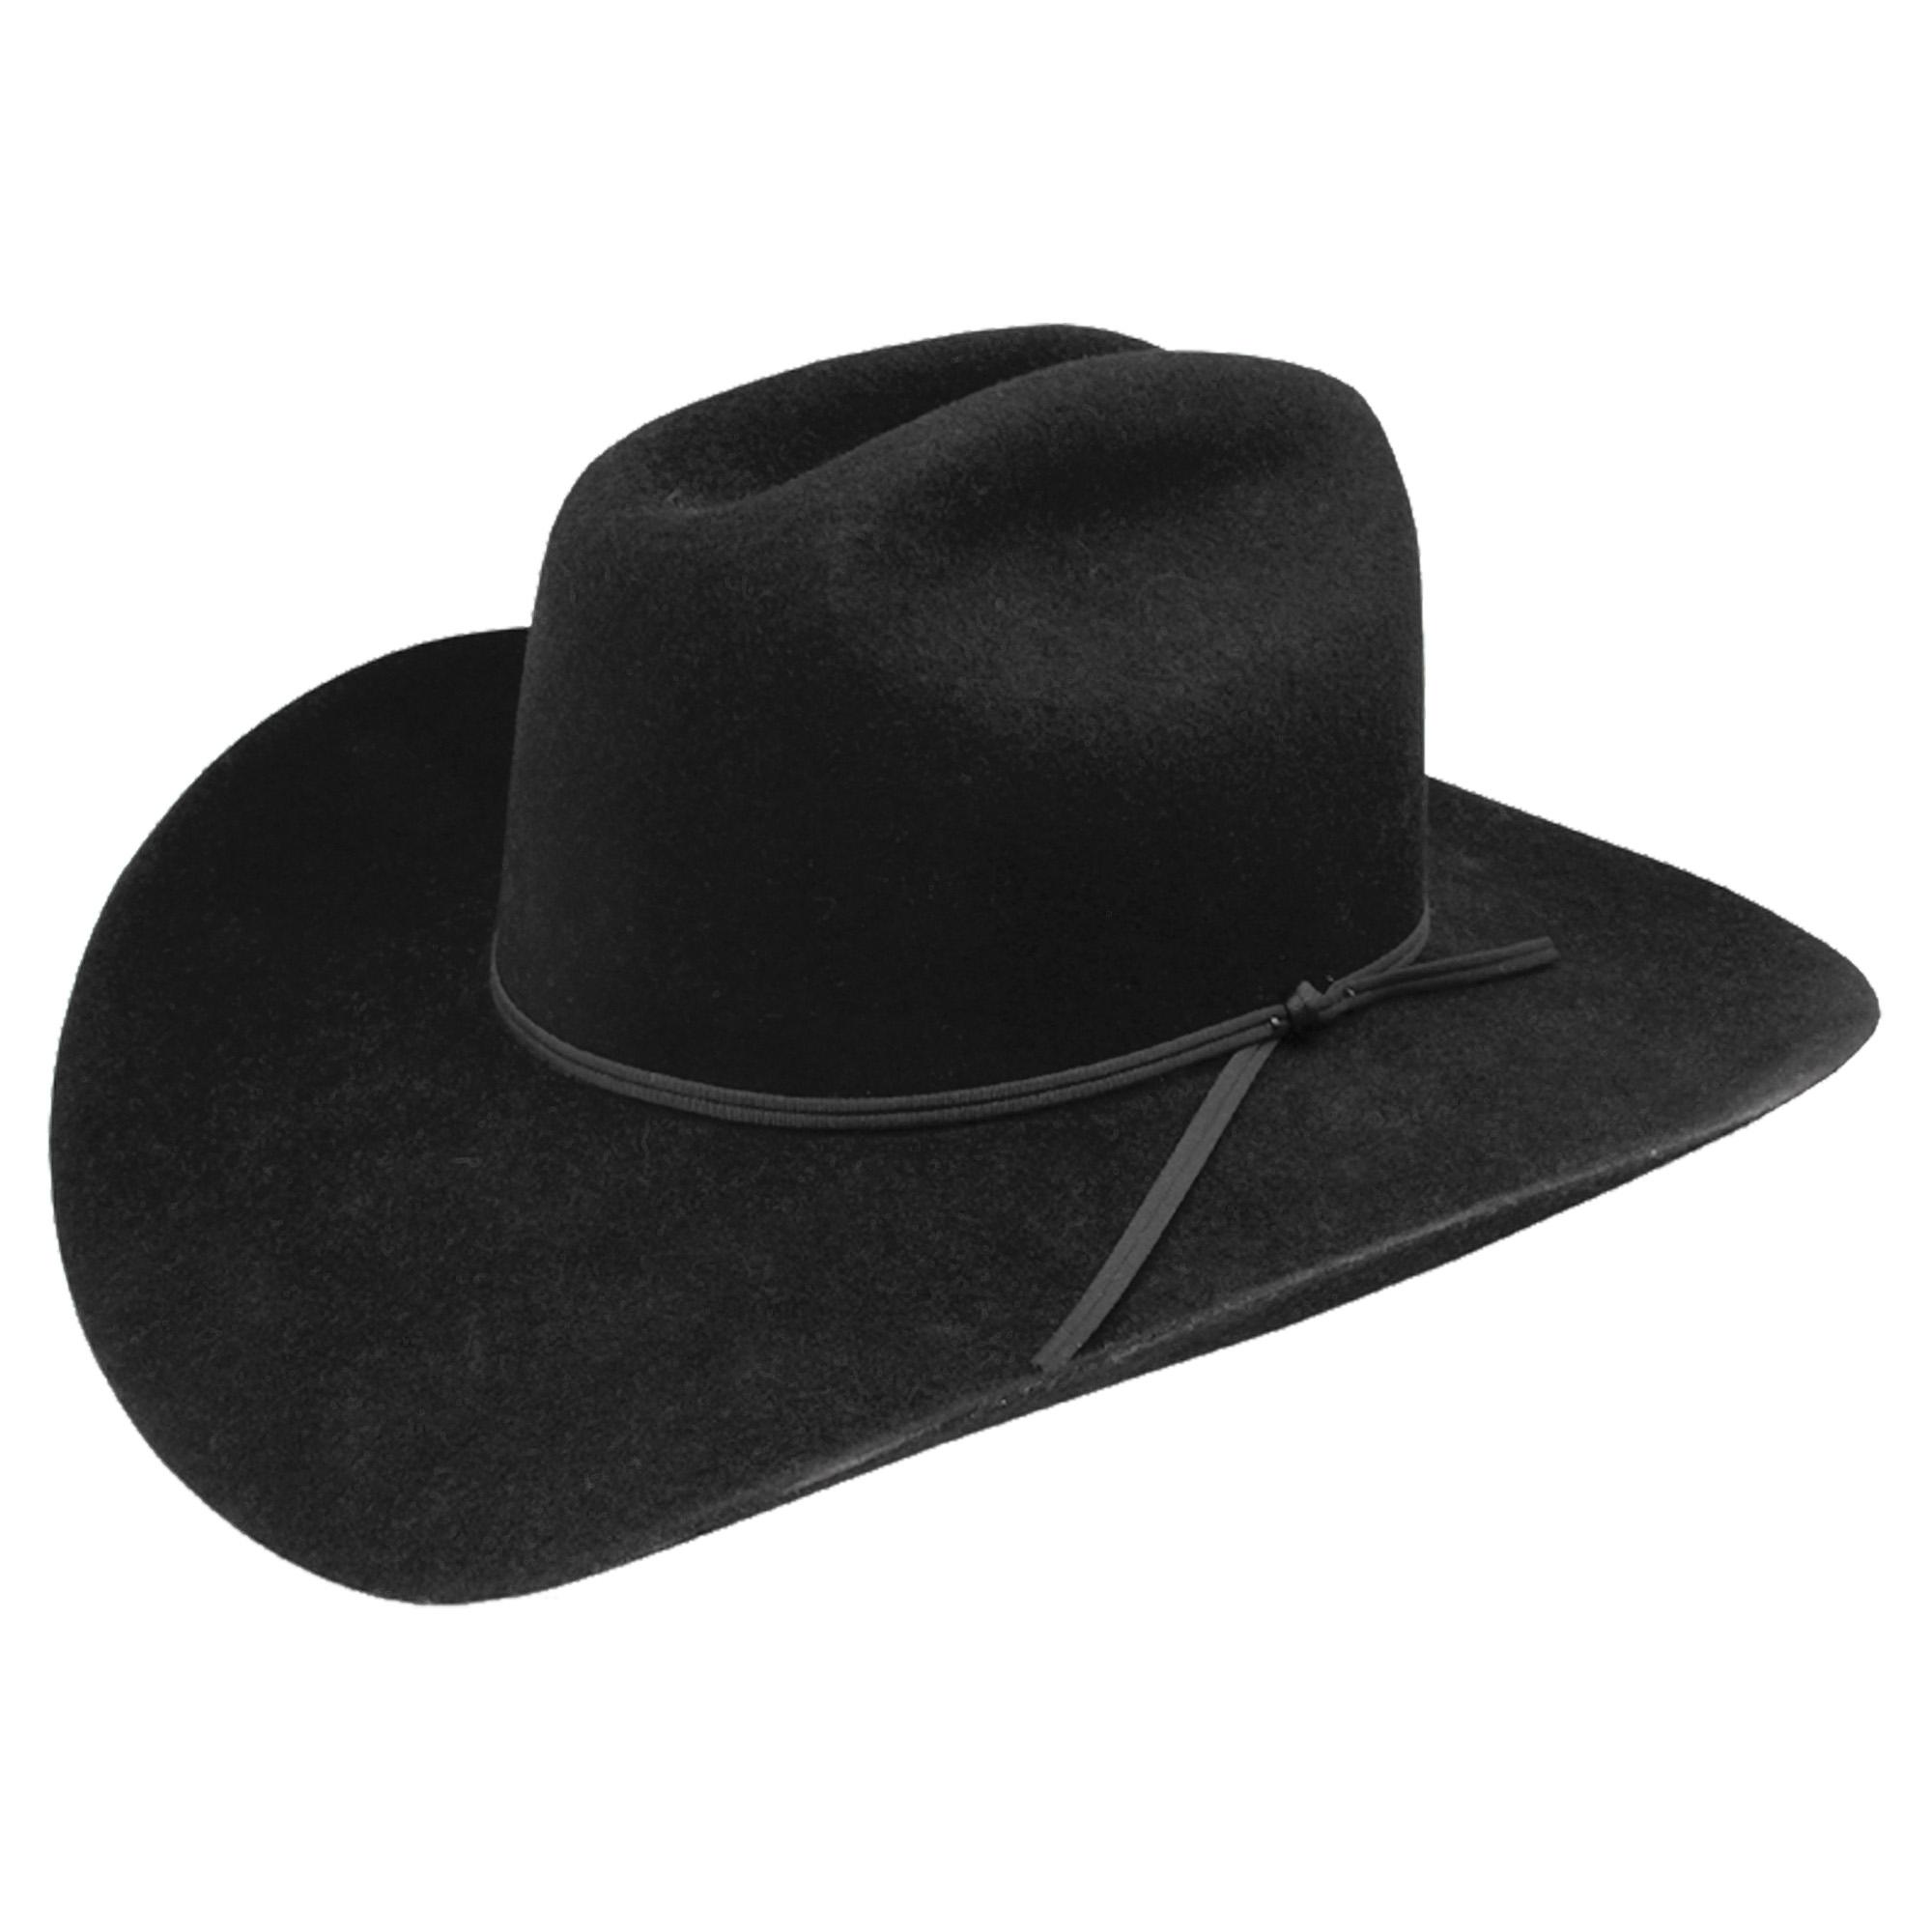 966da9b0a Stetson Rodeo Jr. Wool Hat